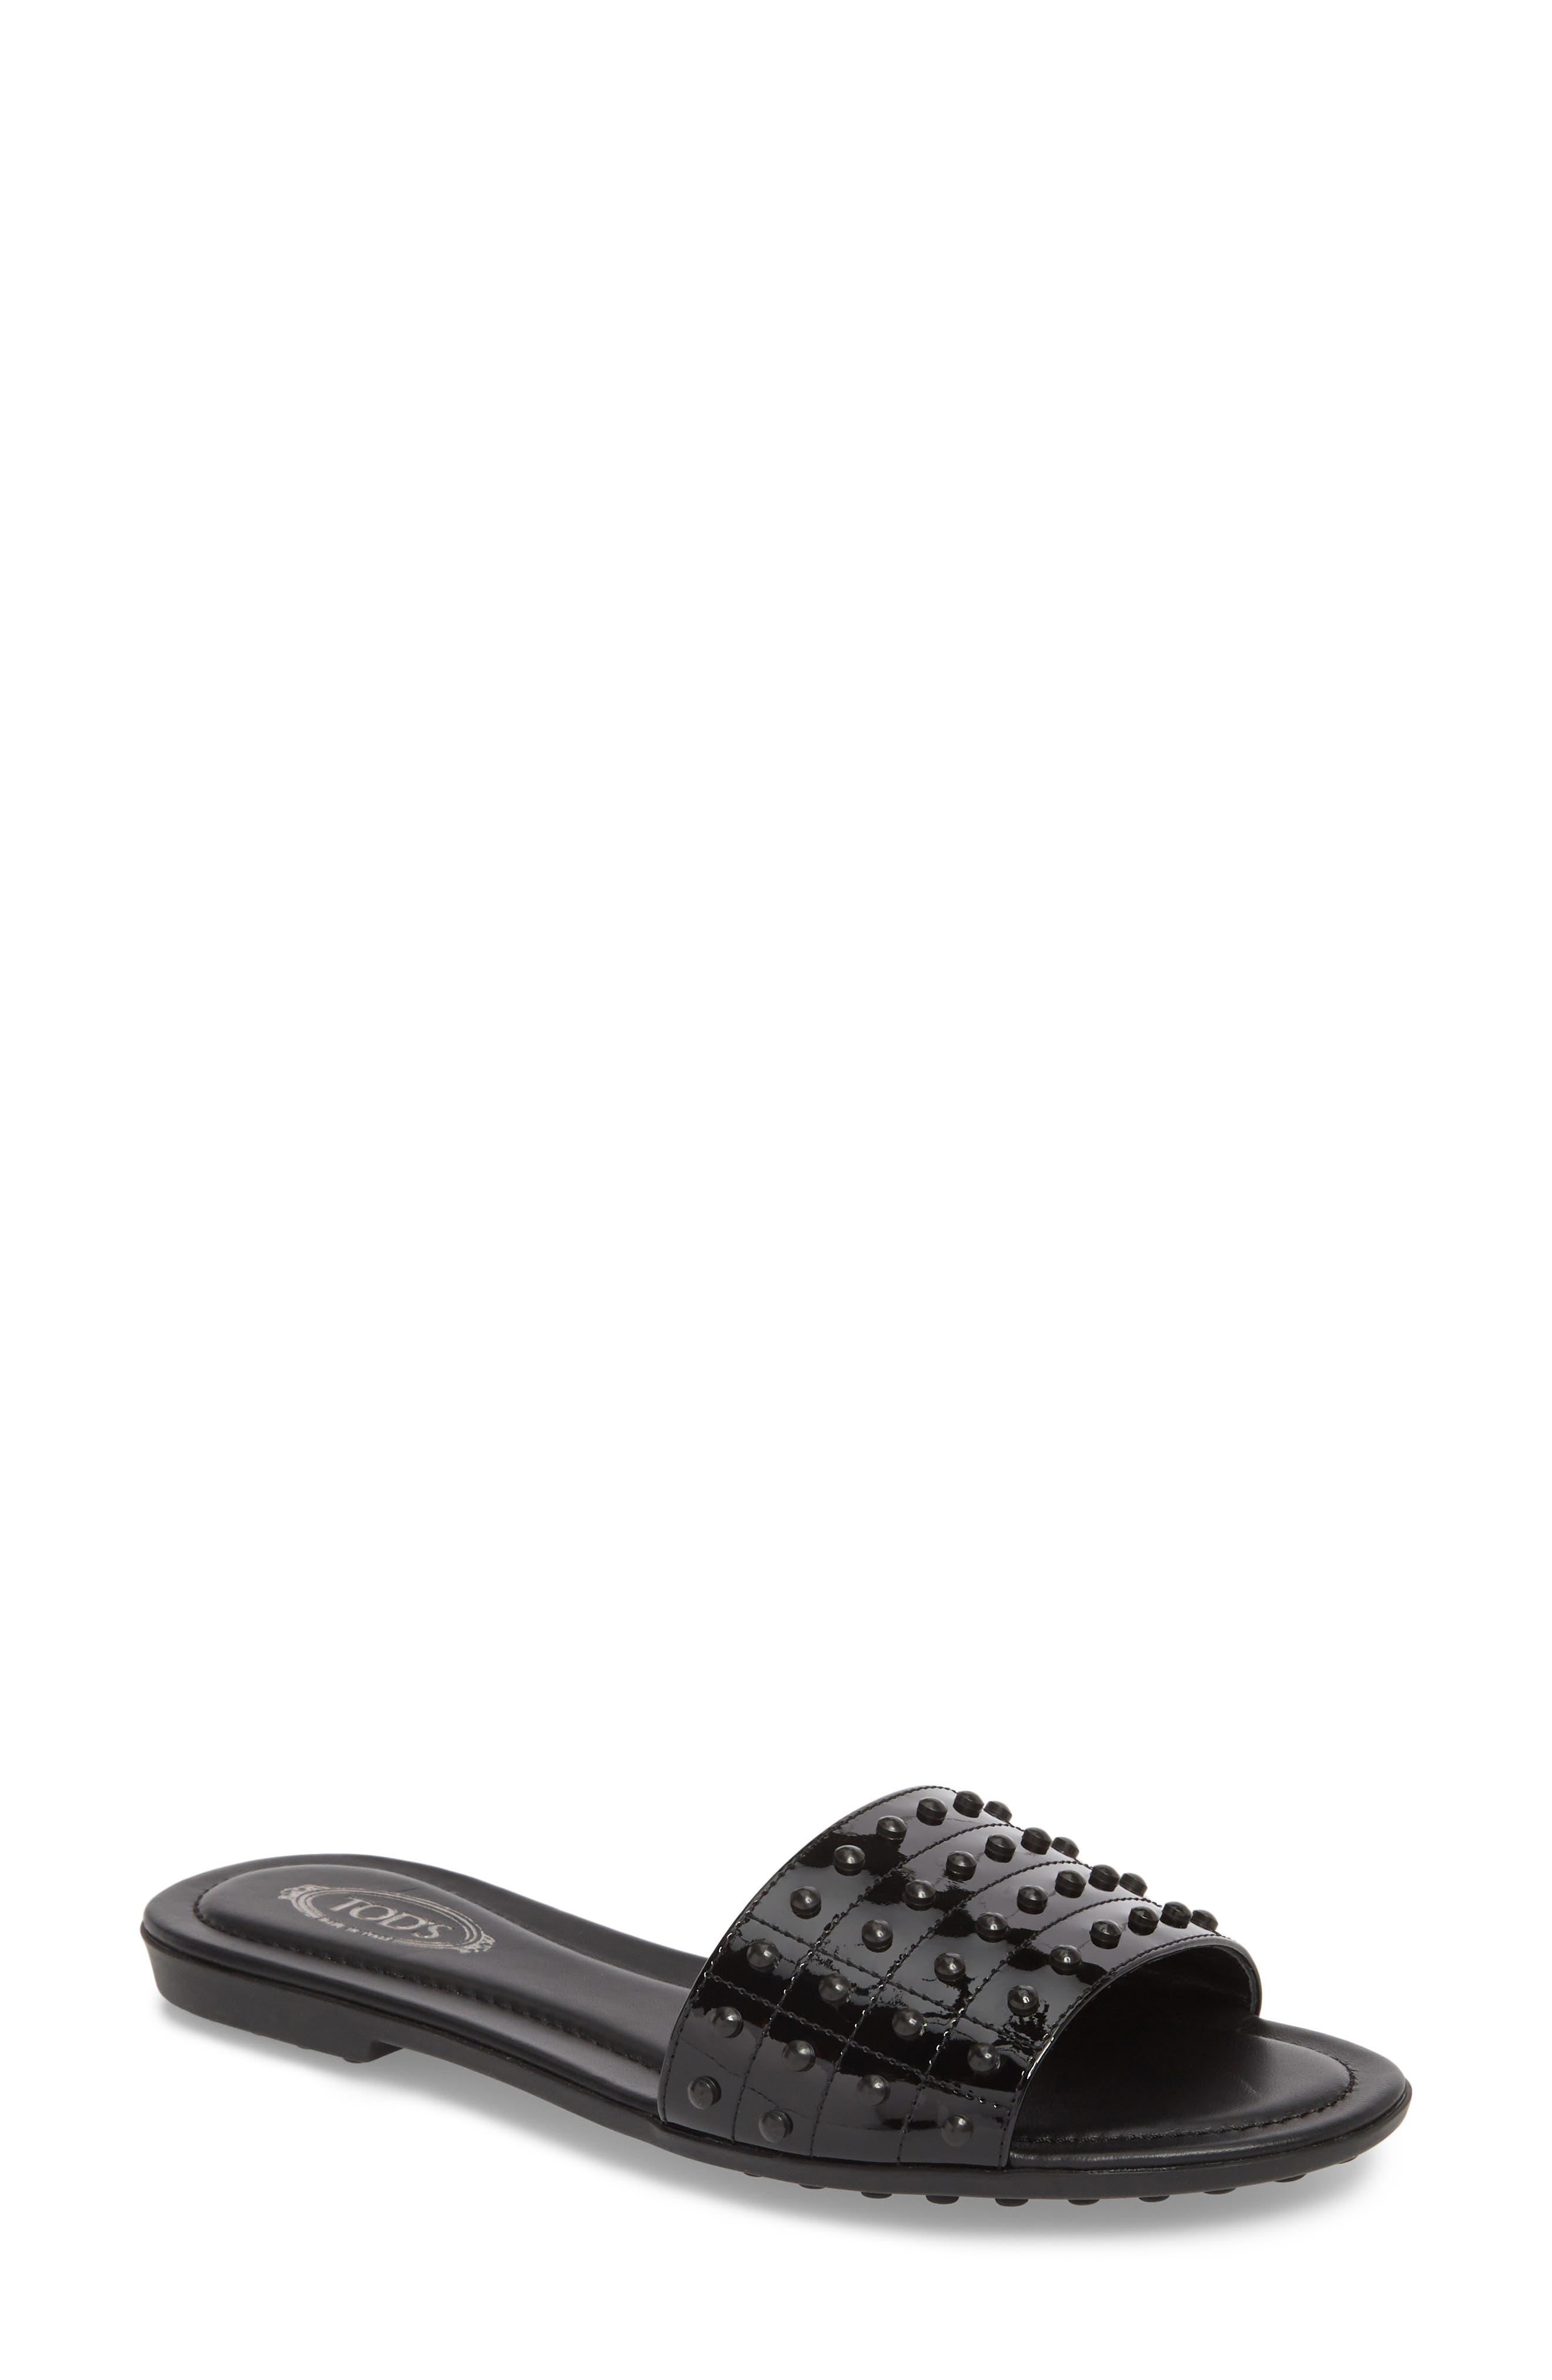 Gommini Slide Sandal,                         Main,                         color, Black